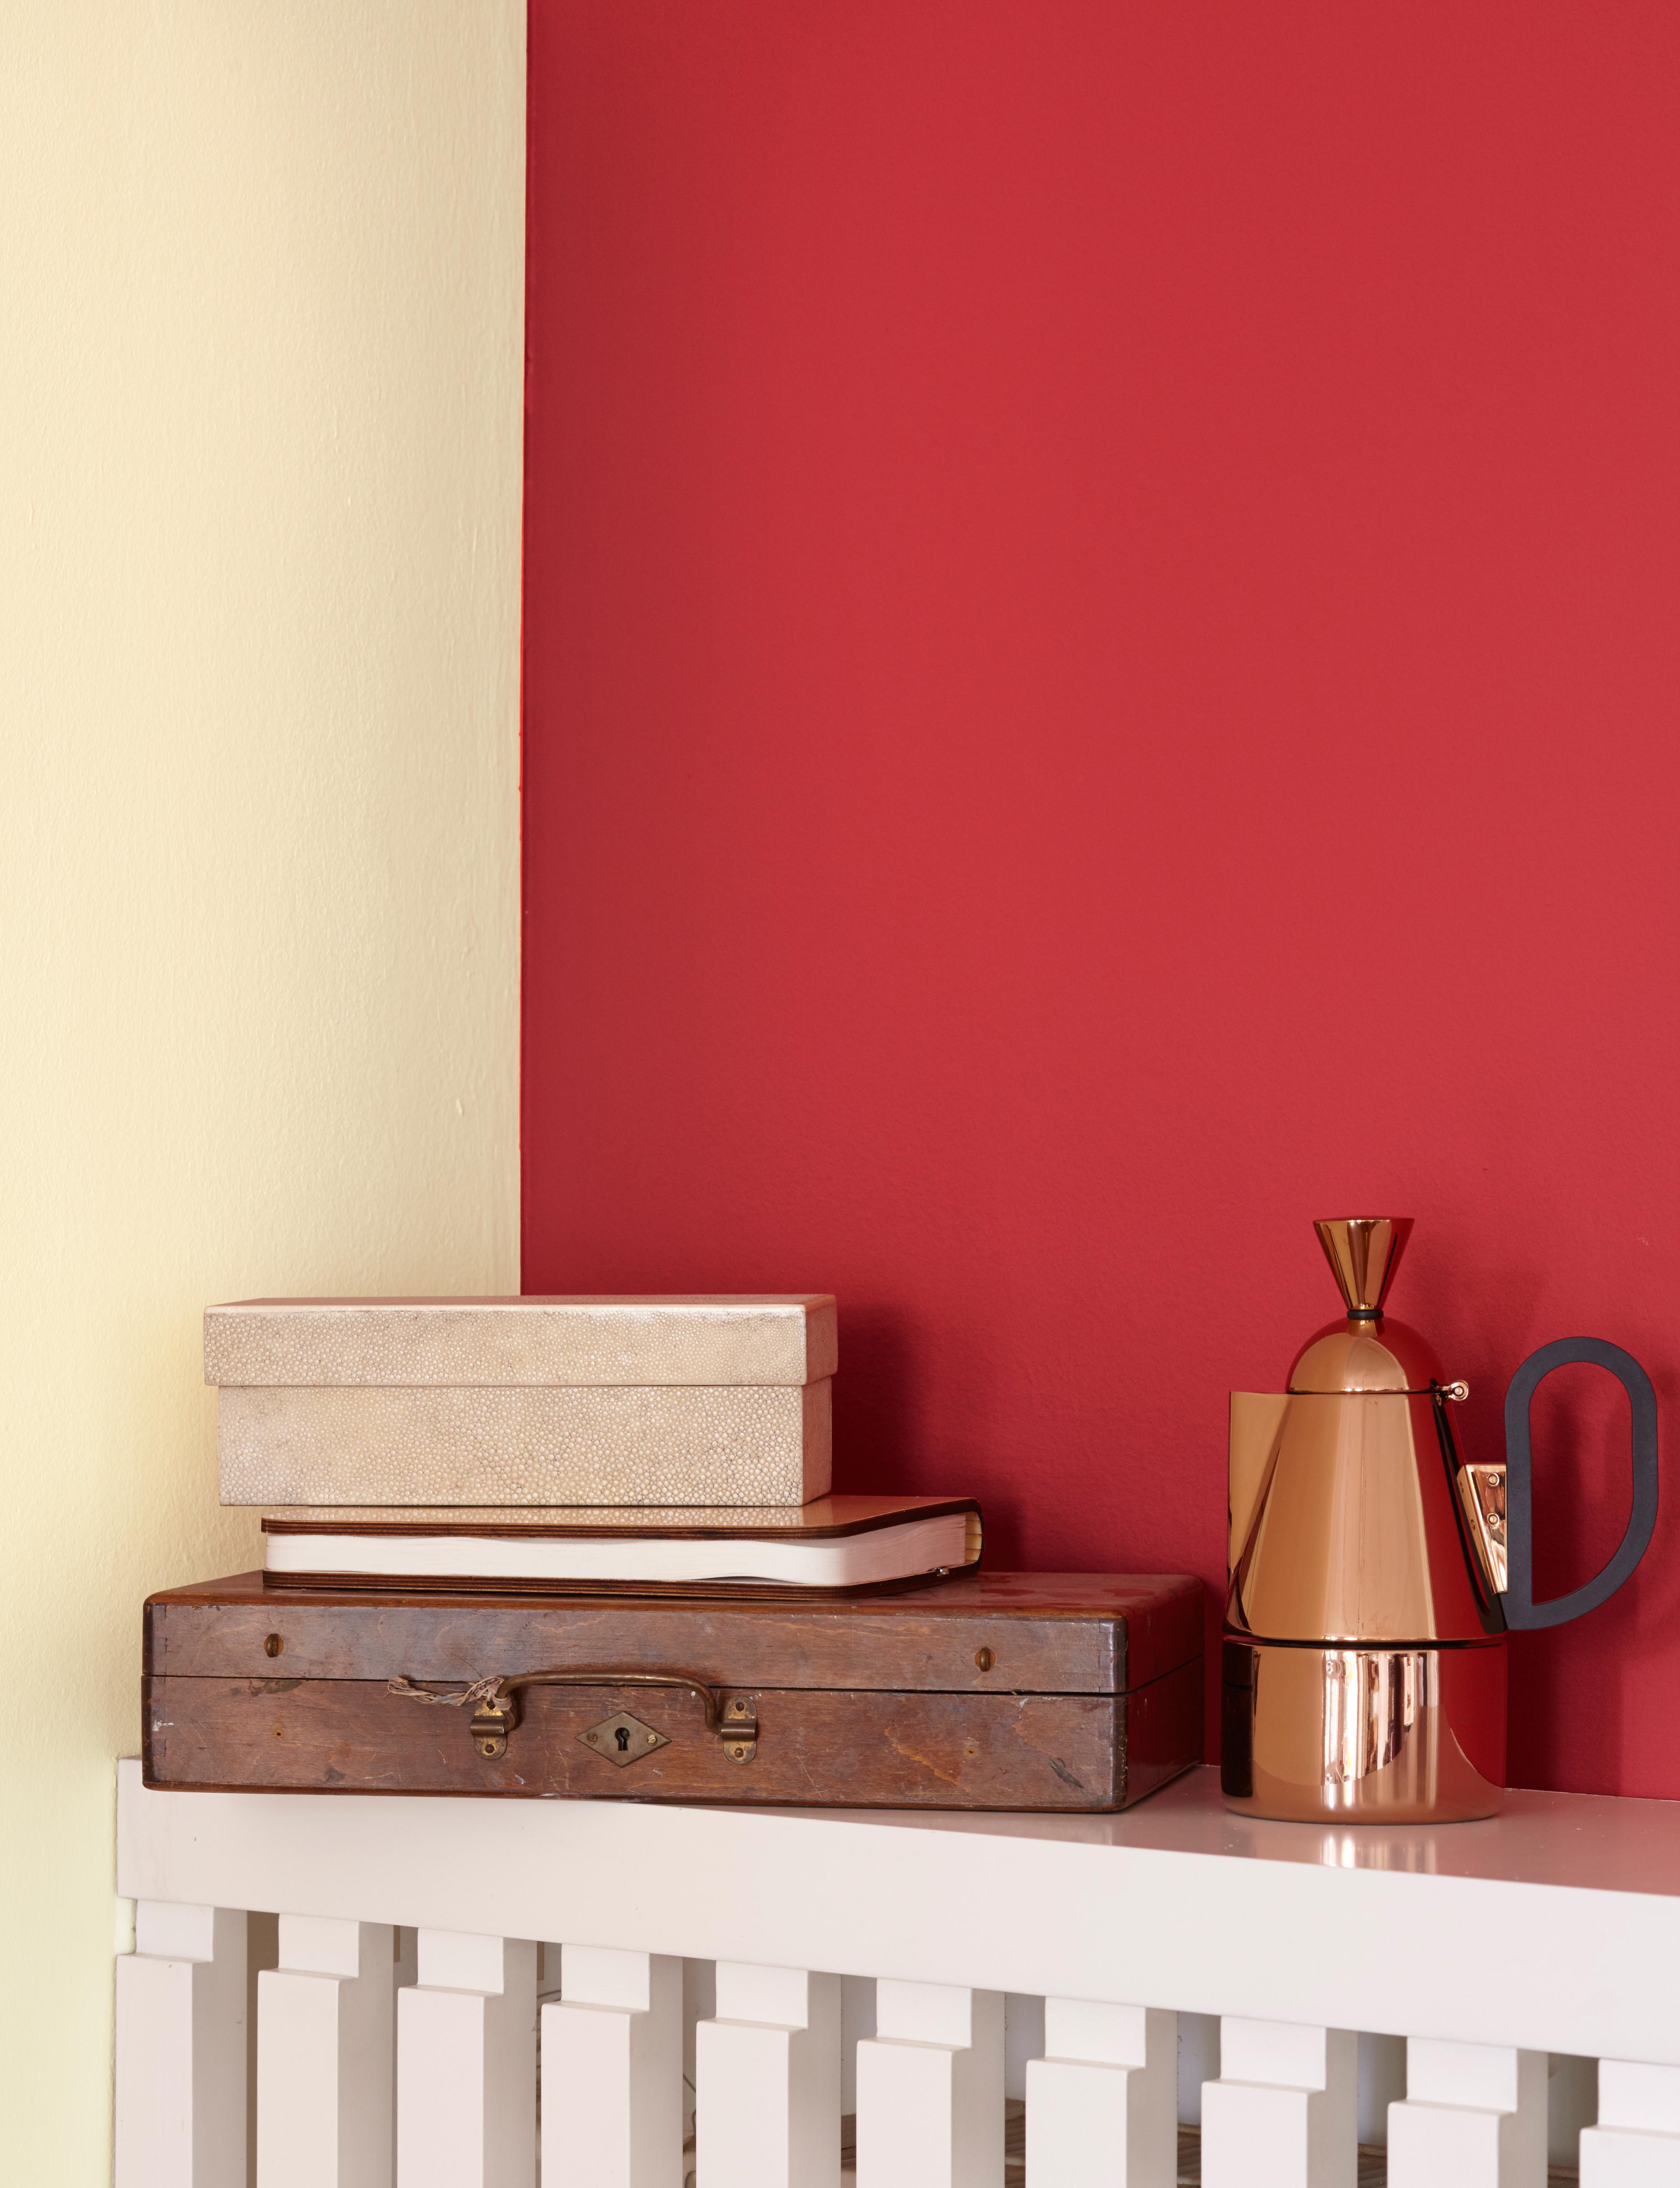 Farb wirkung von rot im raum alpina farbe wirkung for Orange wandfarbe wirkung